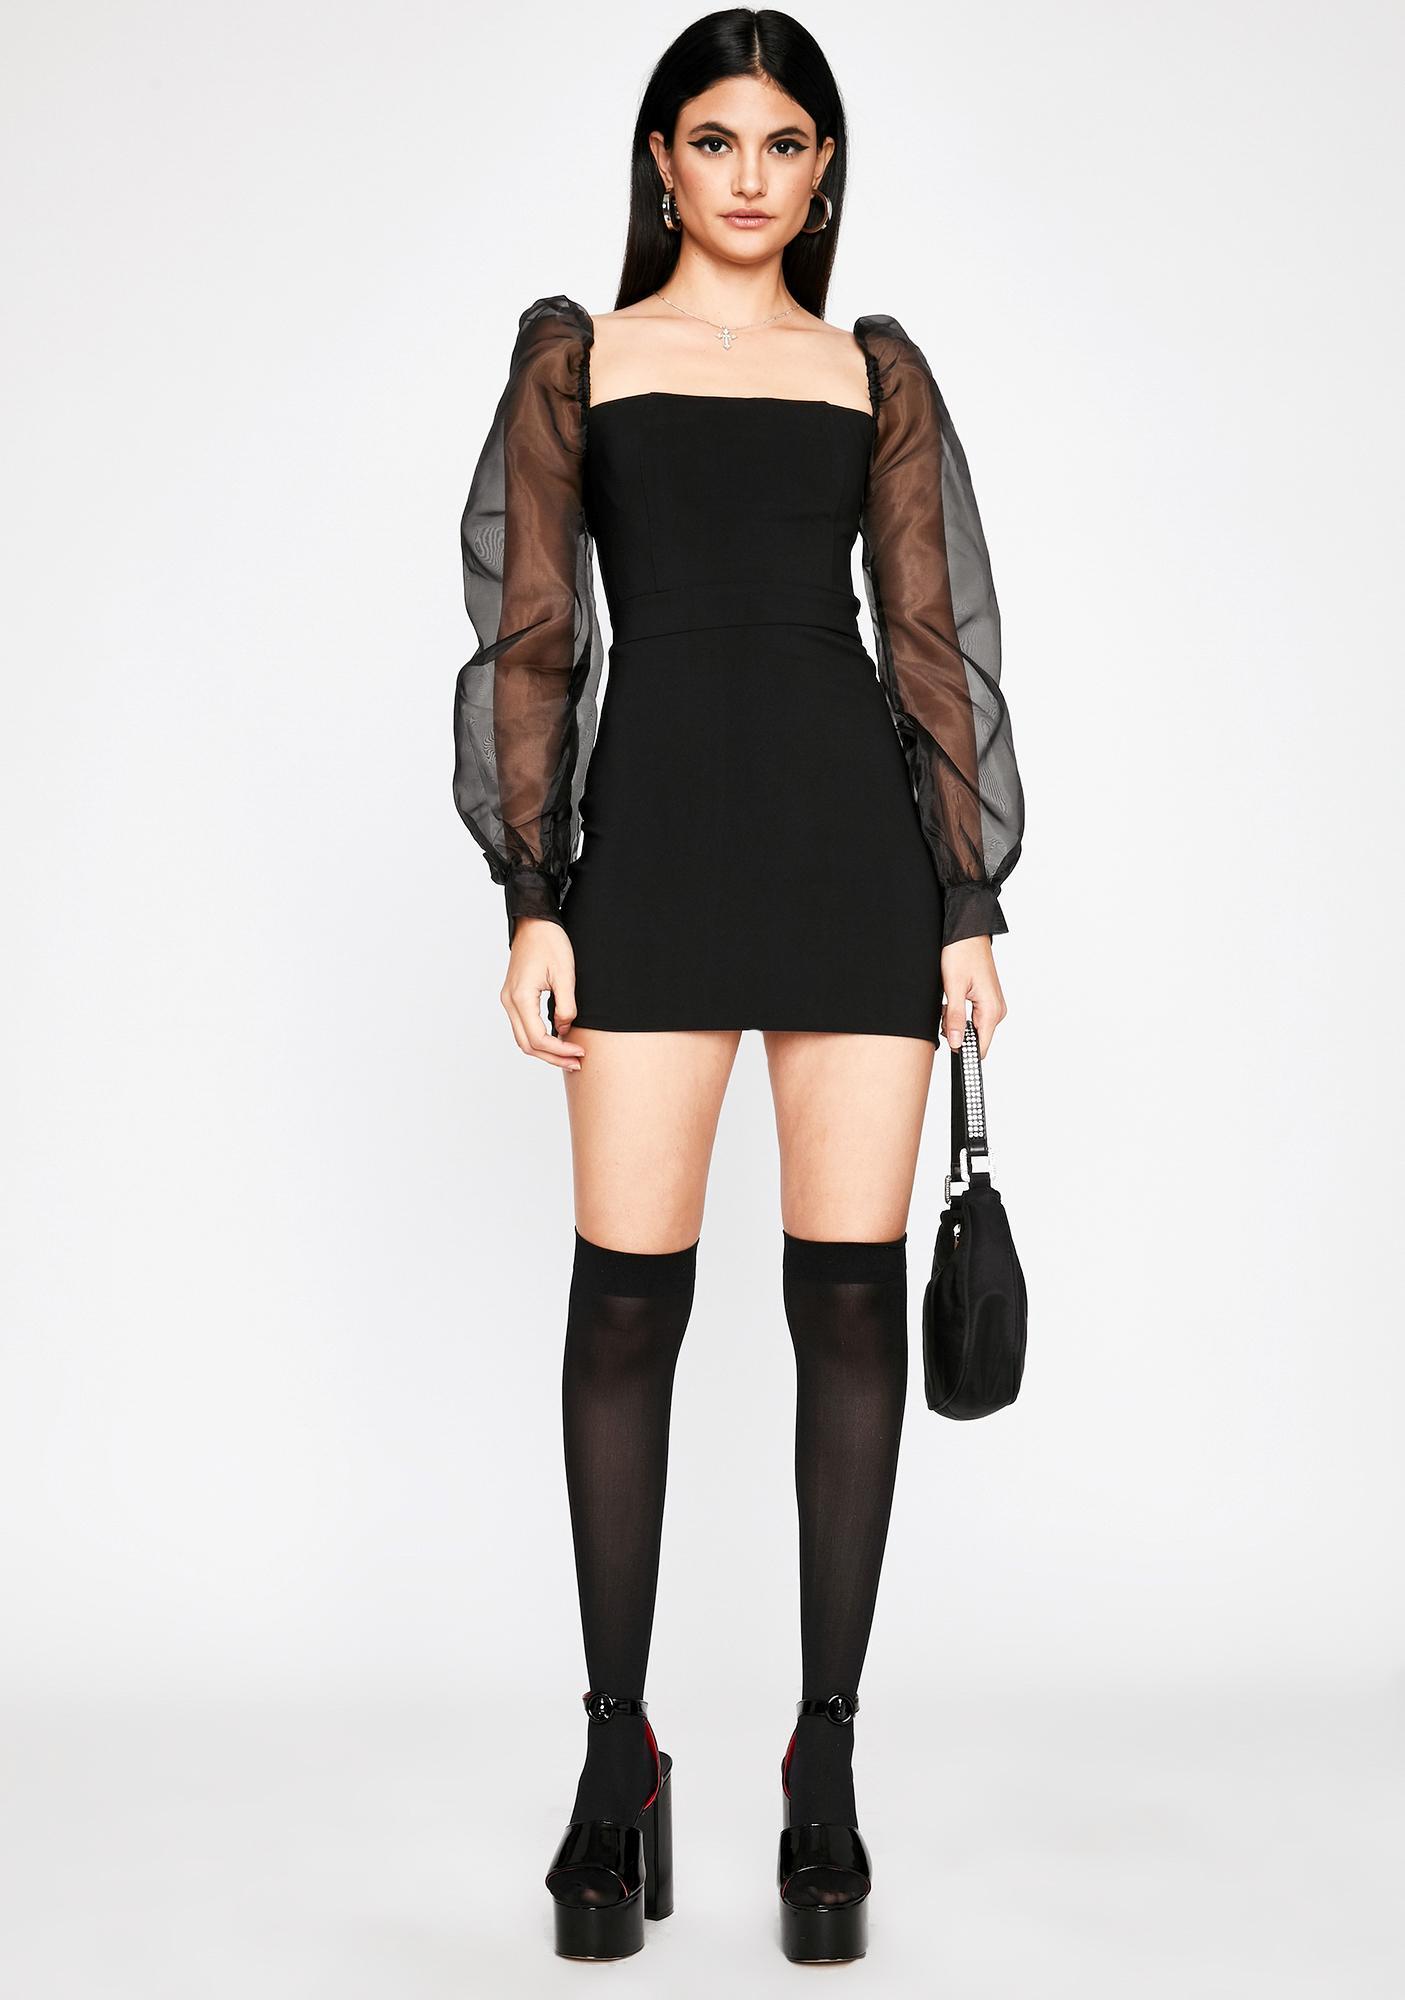 Wicked Temptress Mini Dress